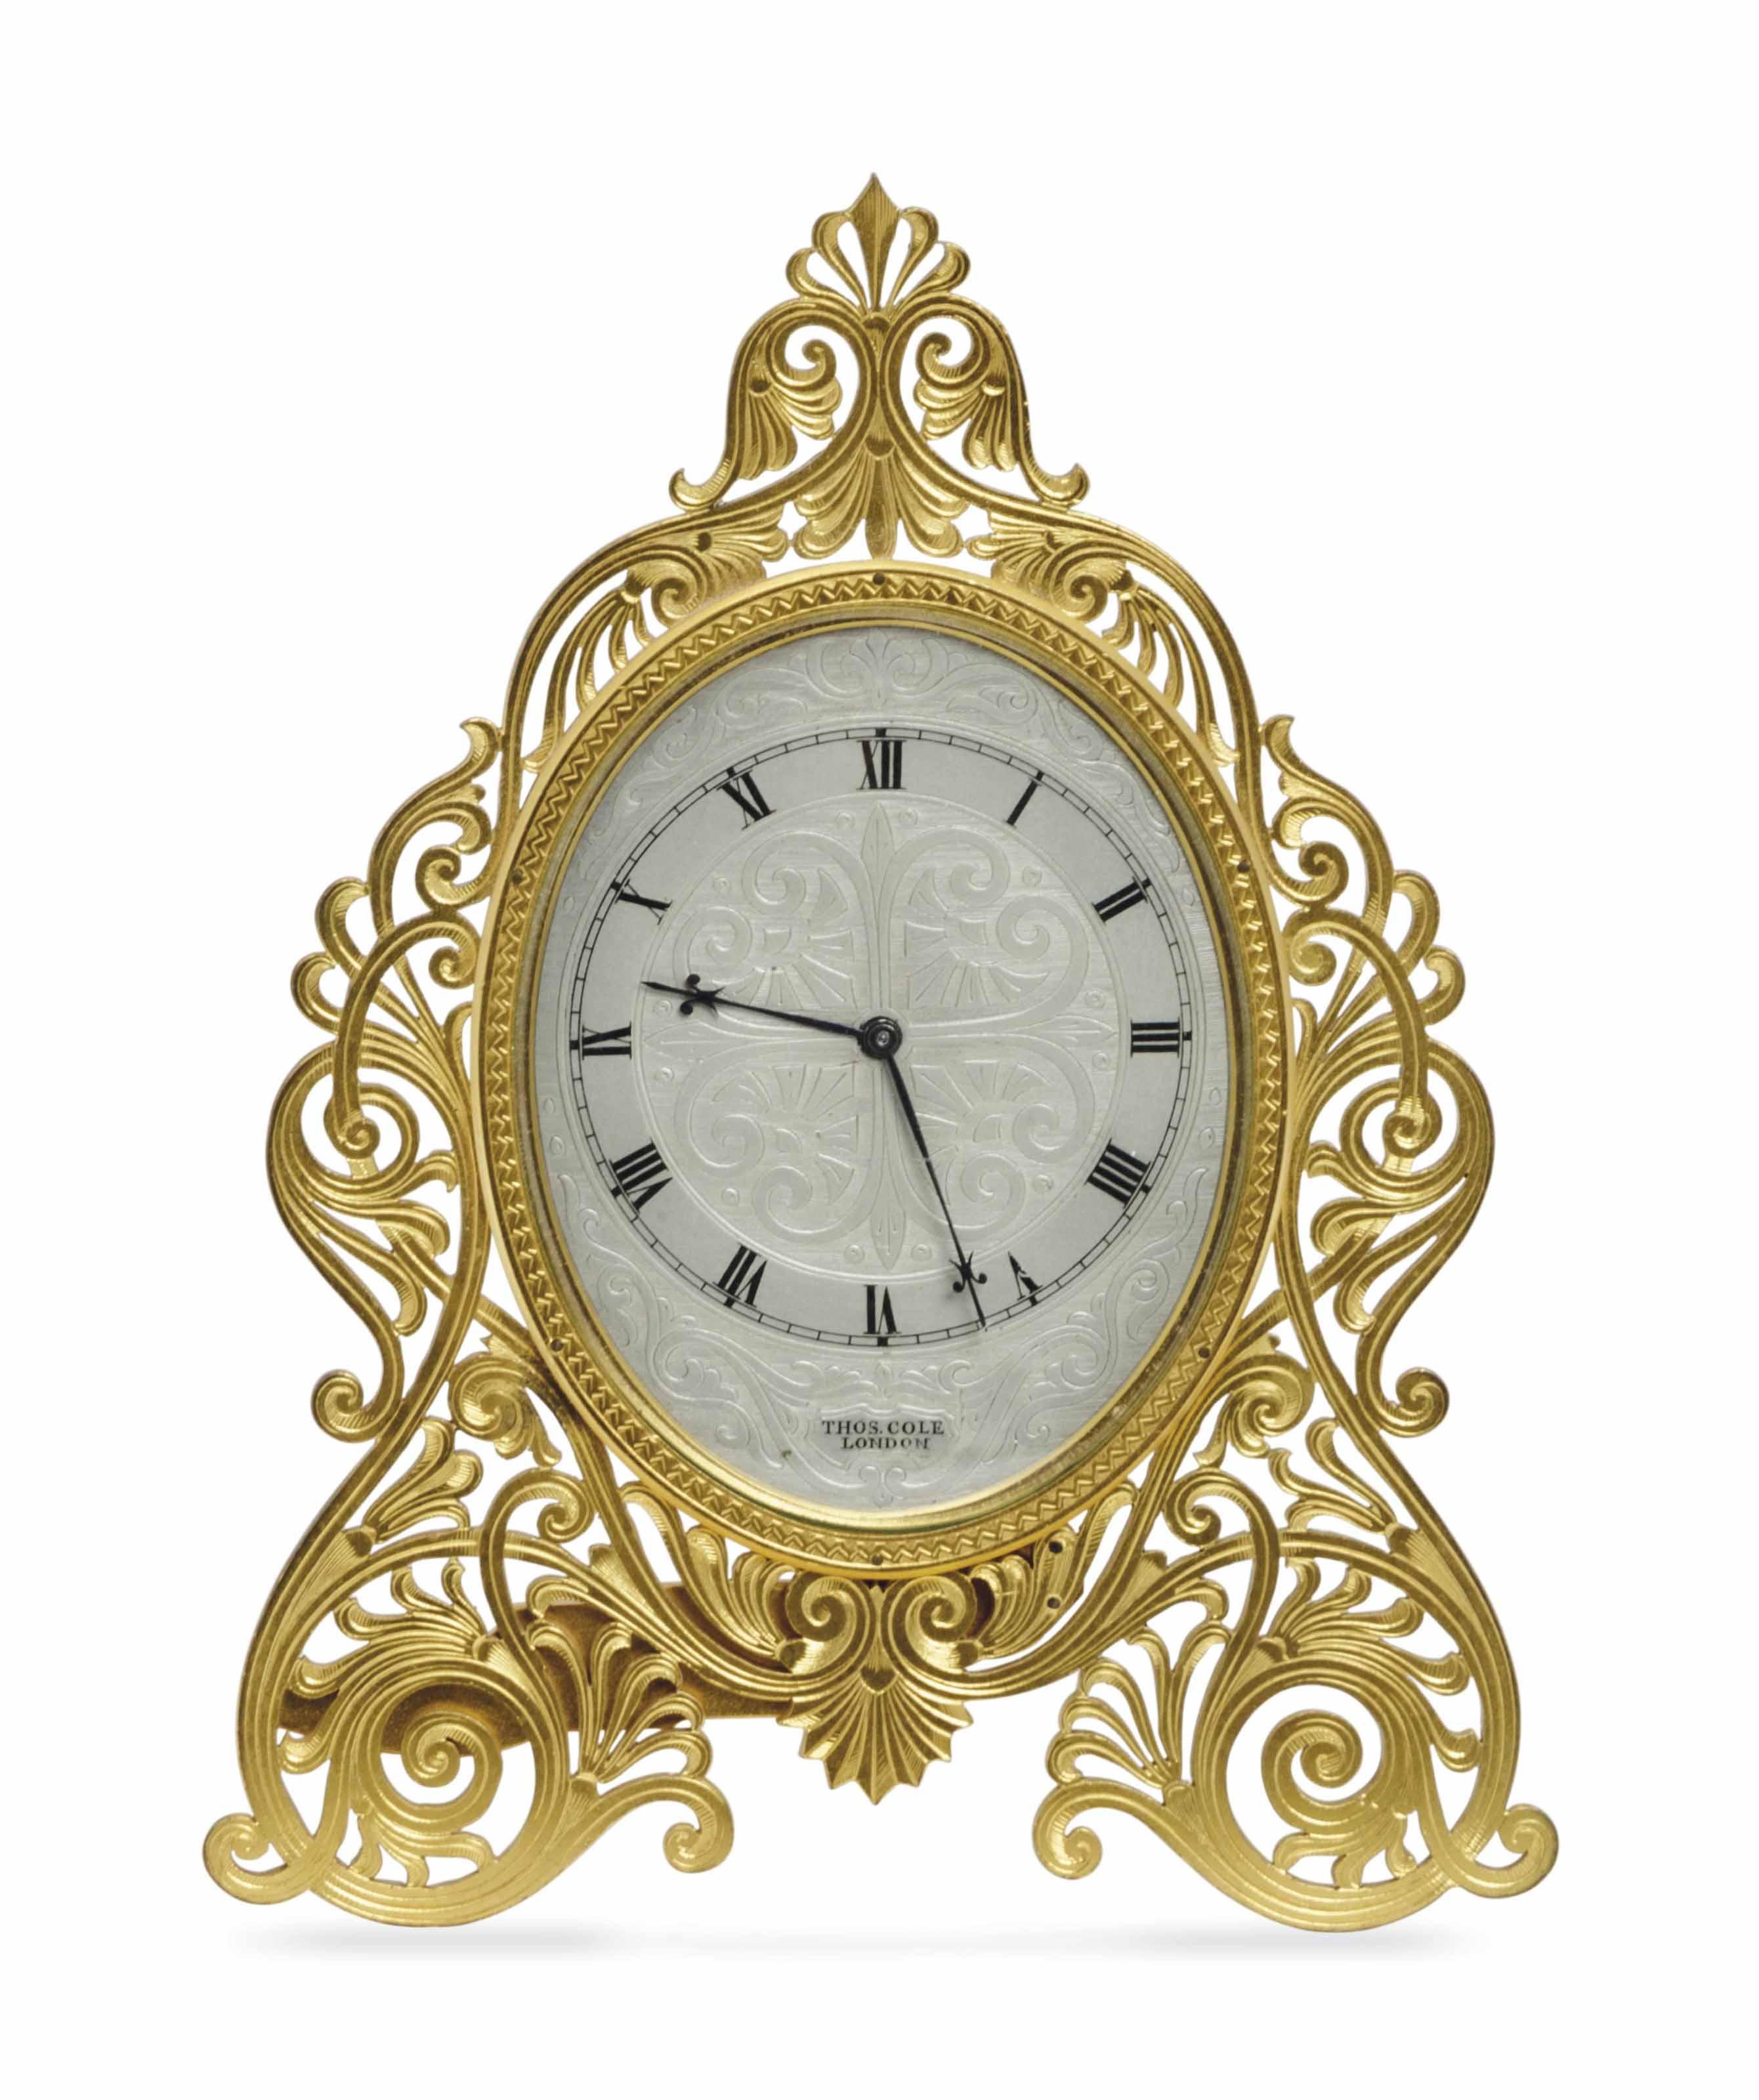 AN ENGLISH ENGRAVED GILT-BRASS STRUT TIMEPIECE,